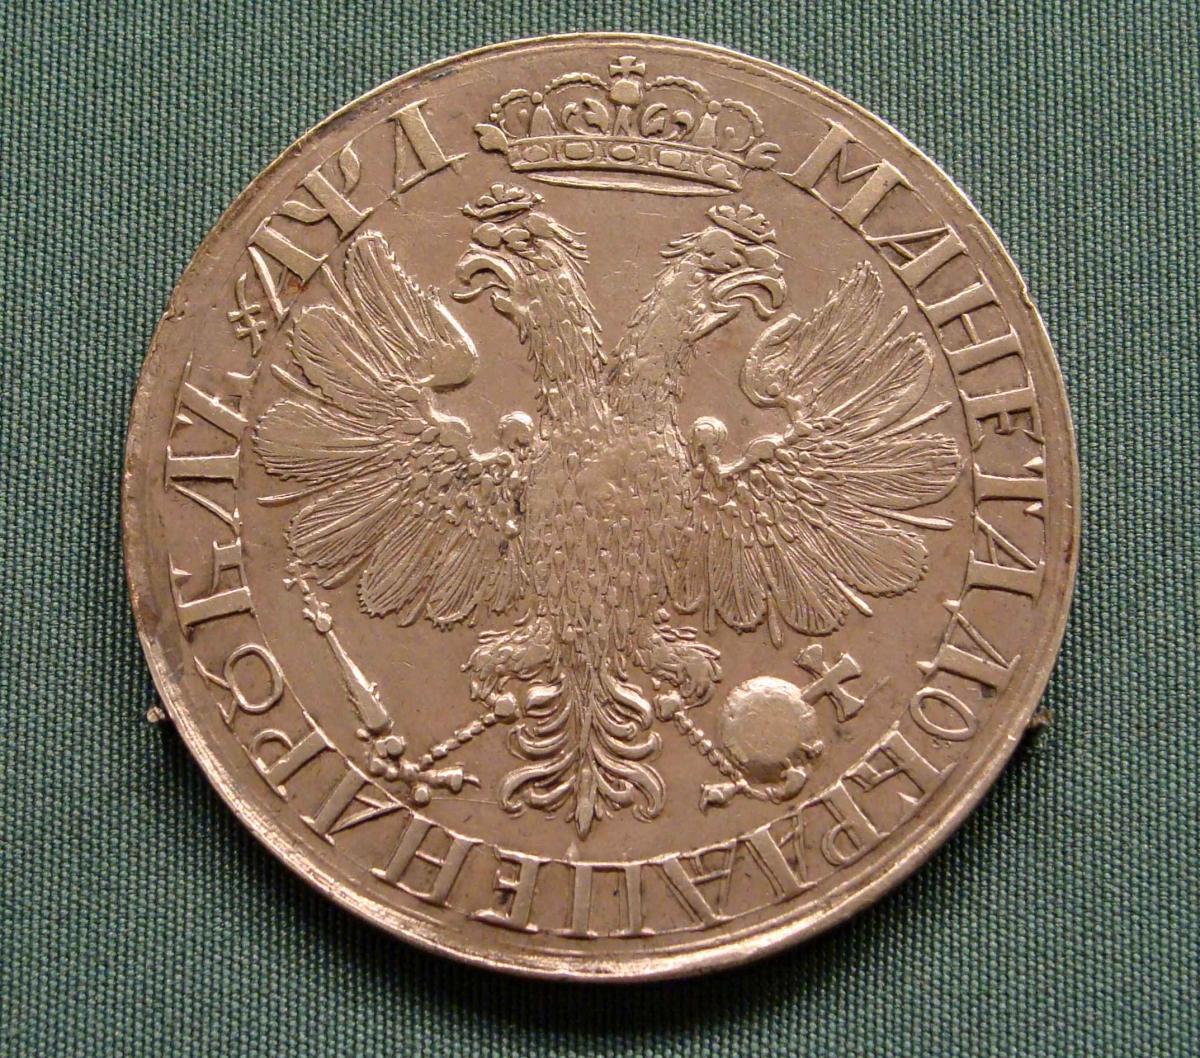 Coins su forum 3 копейки 1931 года цена в украине